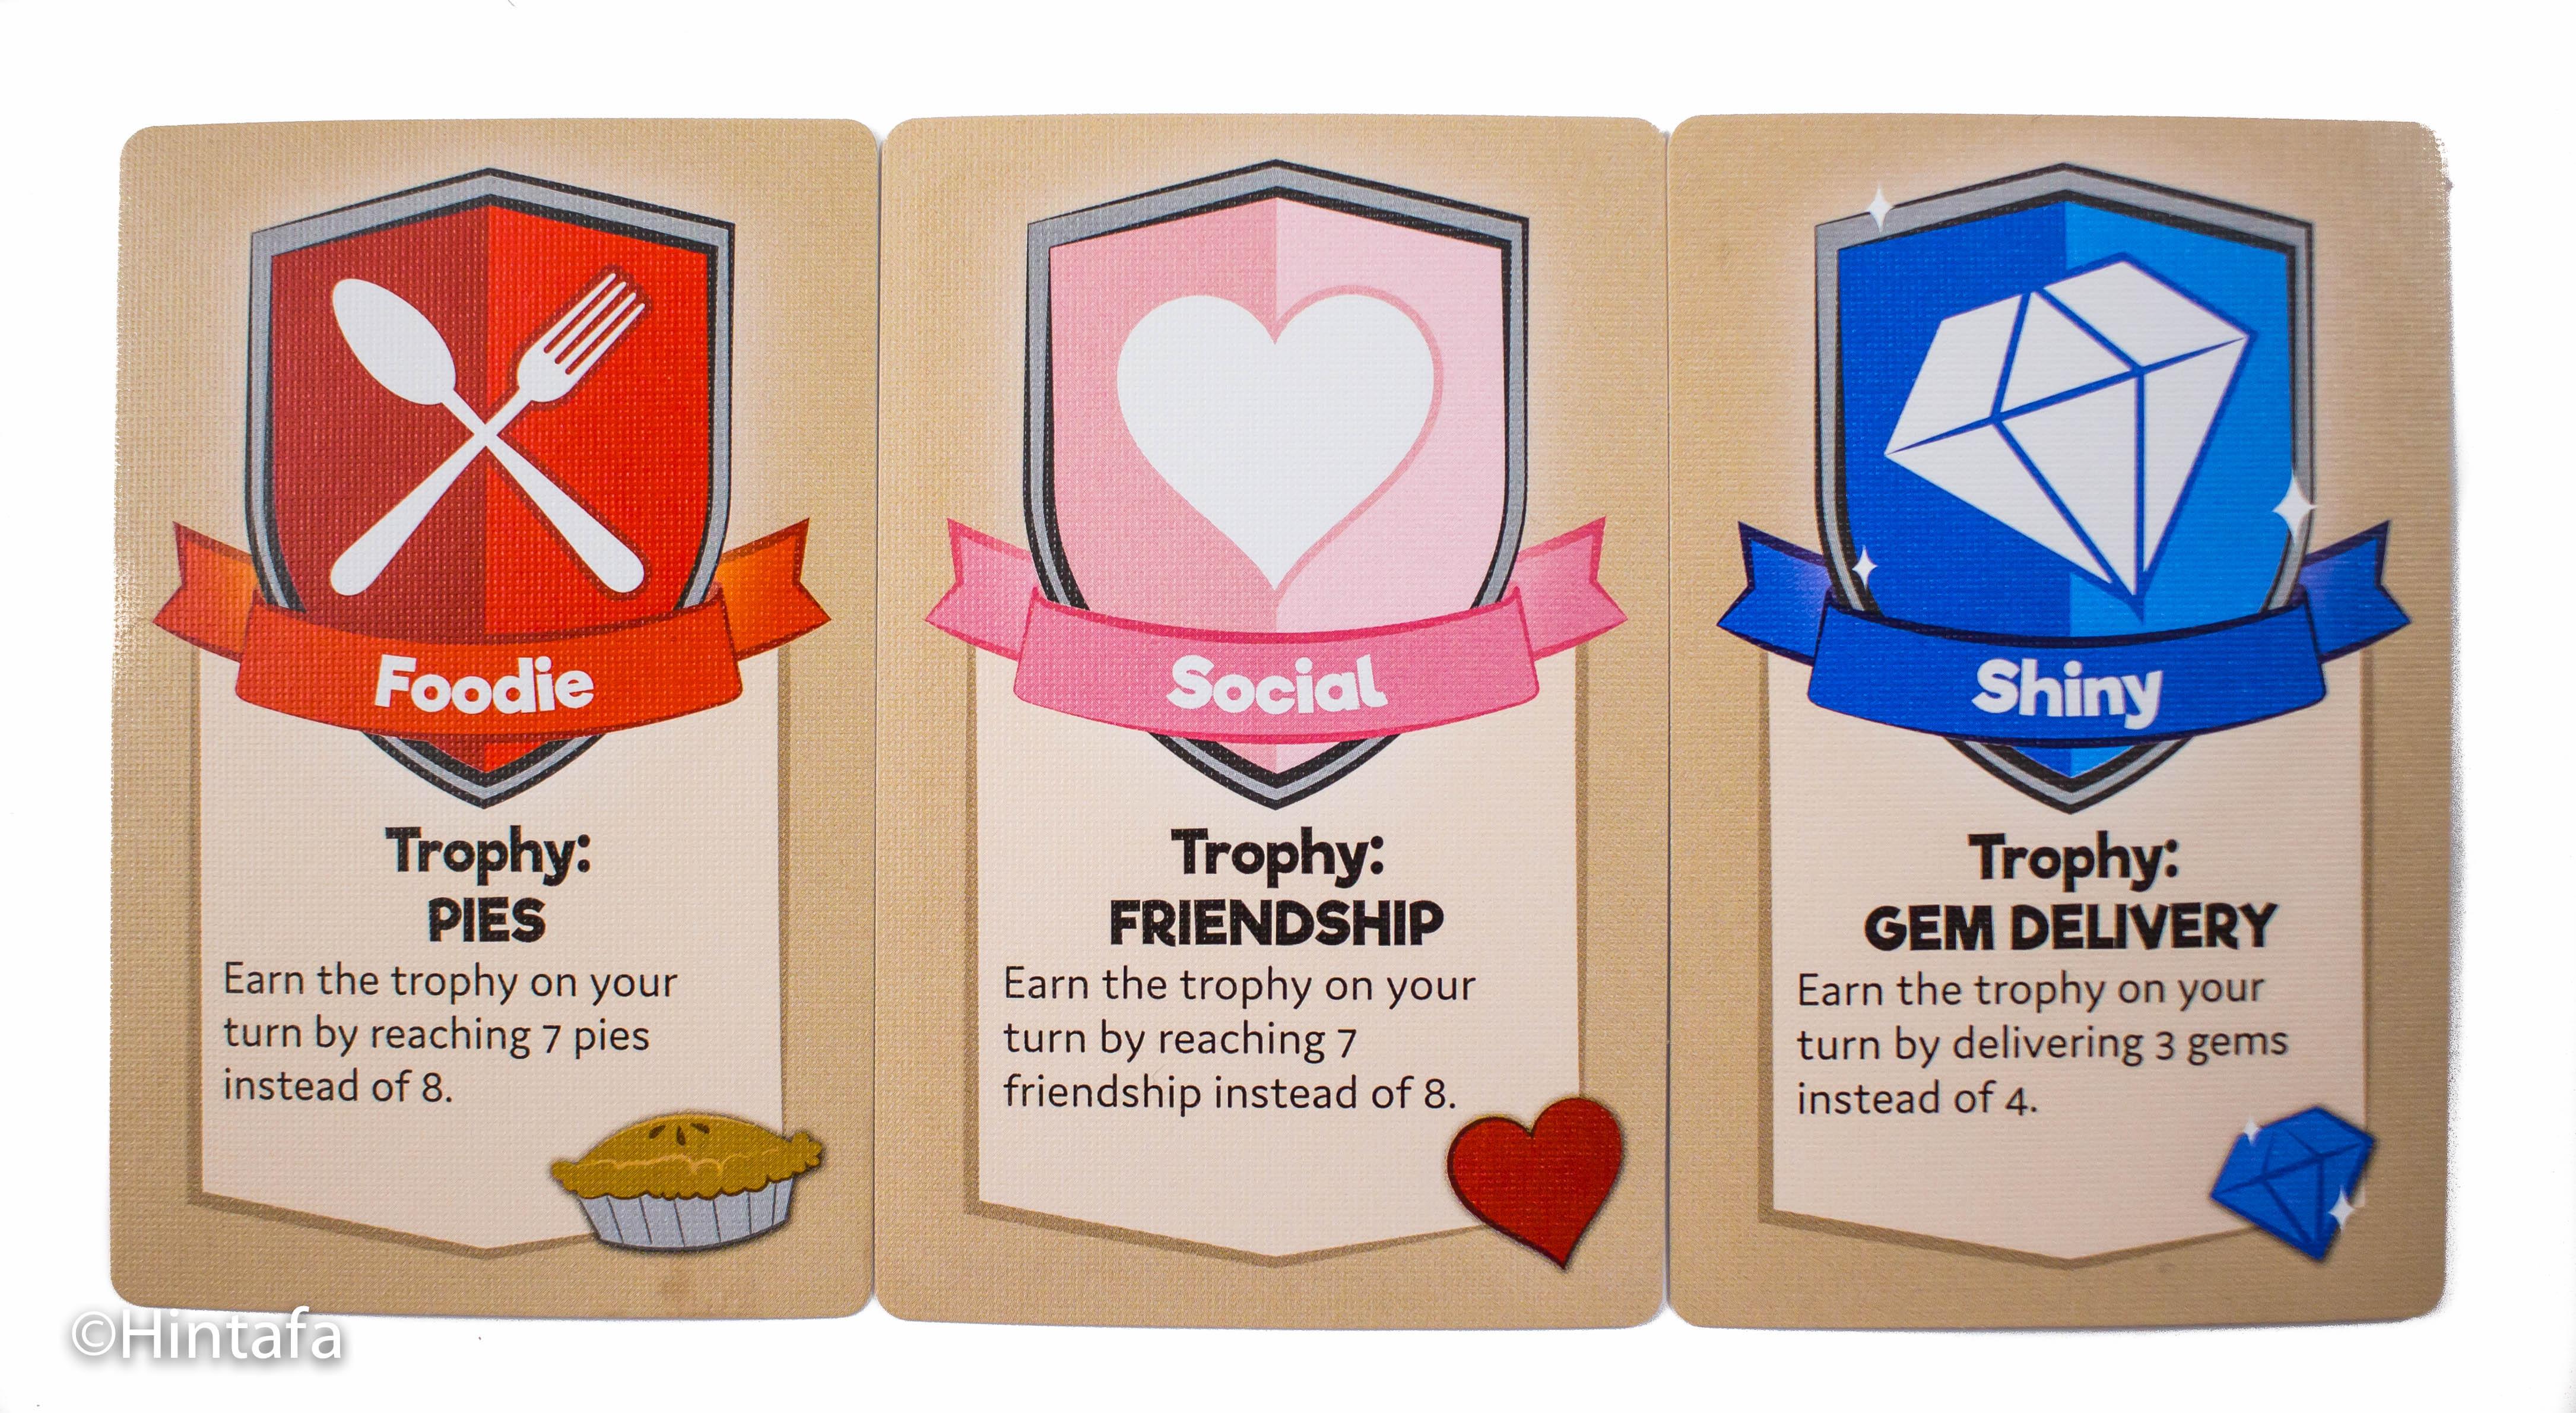 Személyiségkártyáink megkönnyítik a trófeák gyűjtését